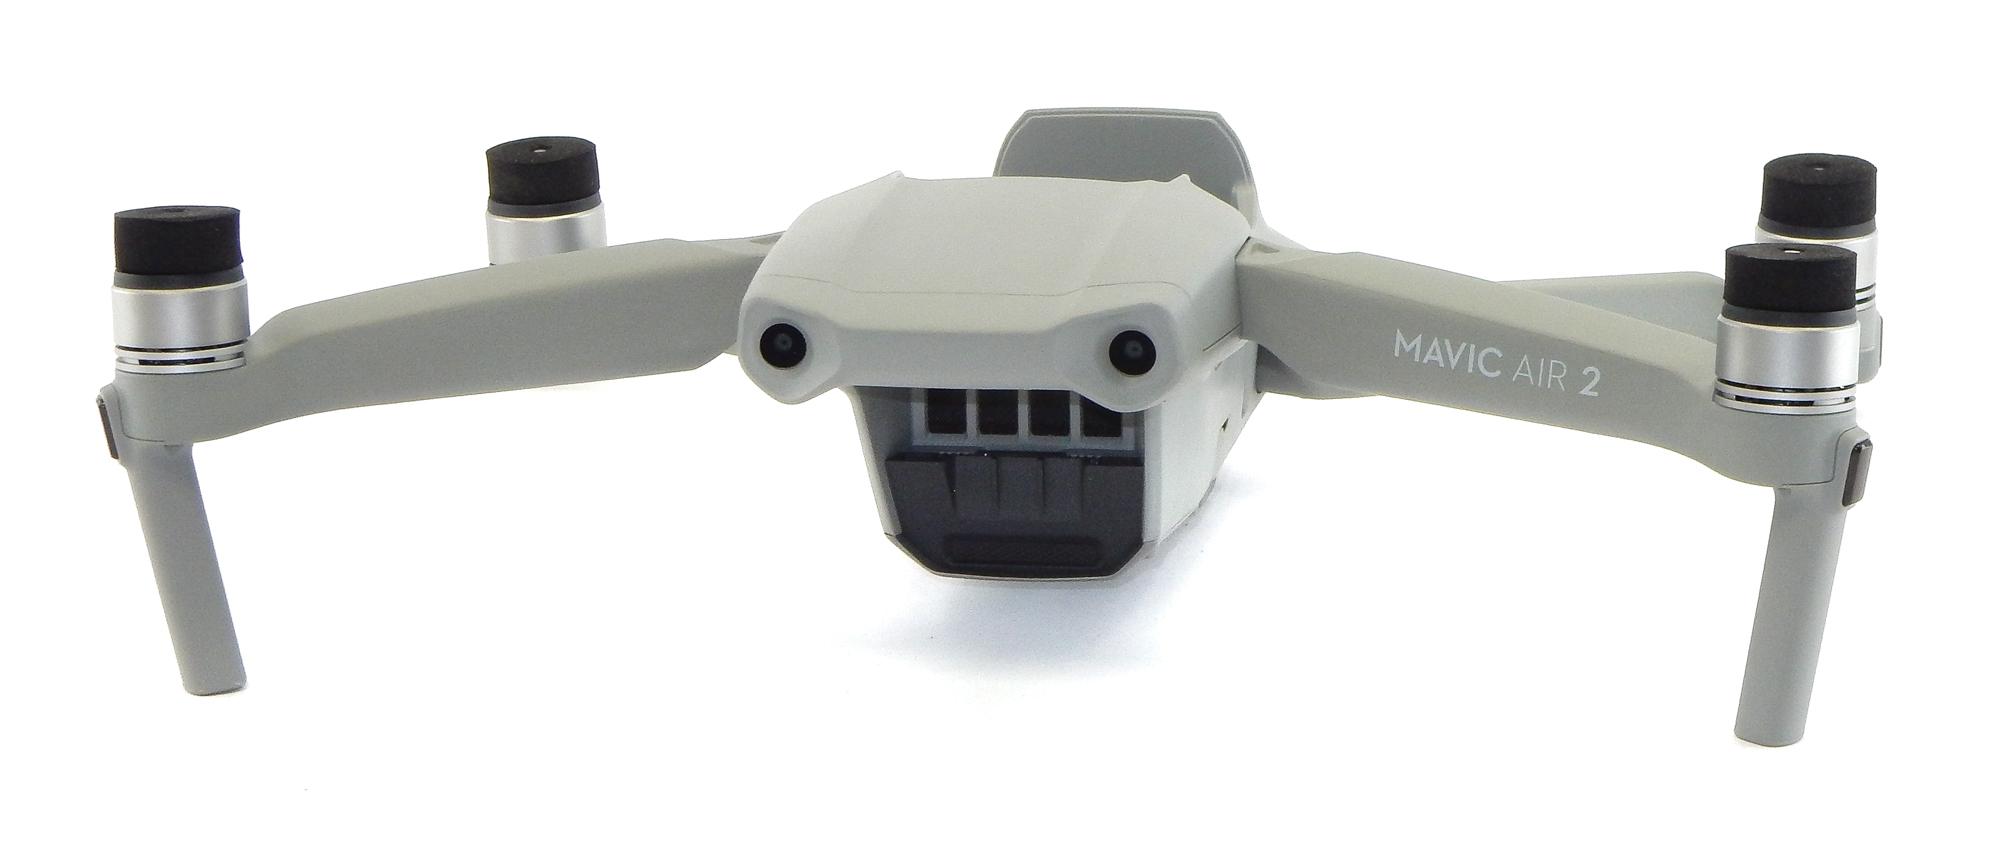 Genuine DJI Mavic Air 2 Frame w/ motors and ESC *Replacement Part*